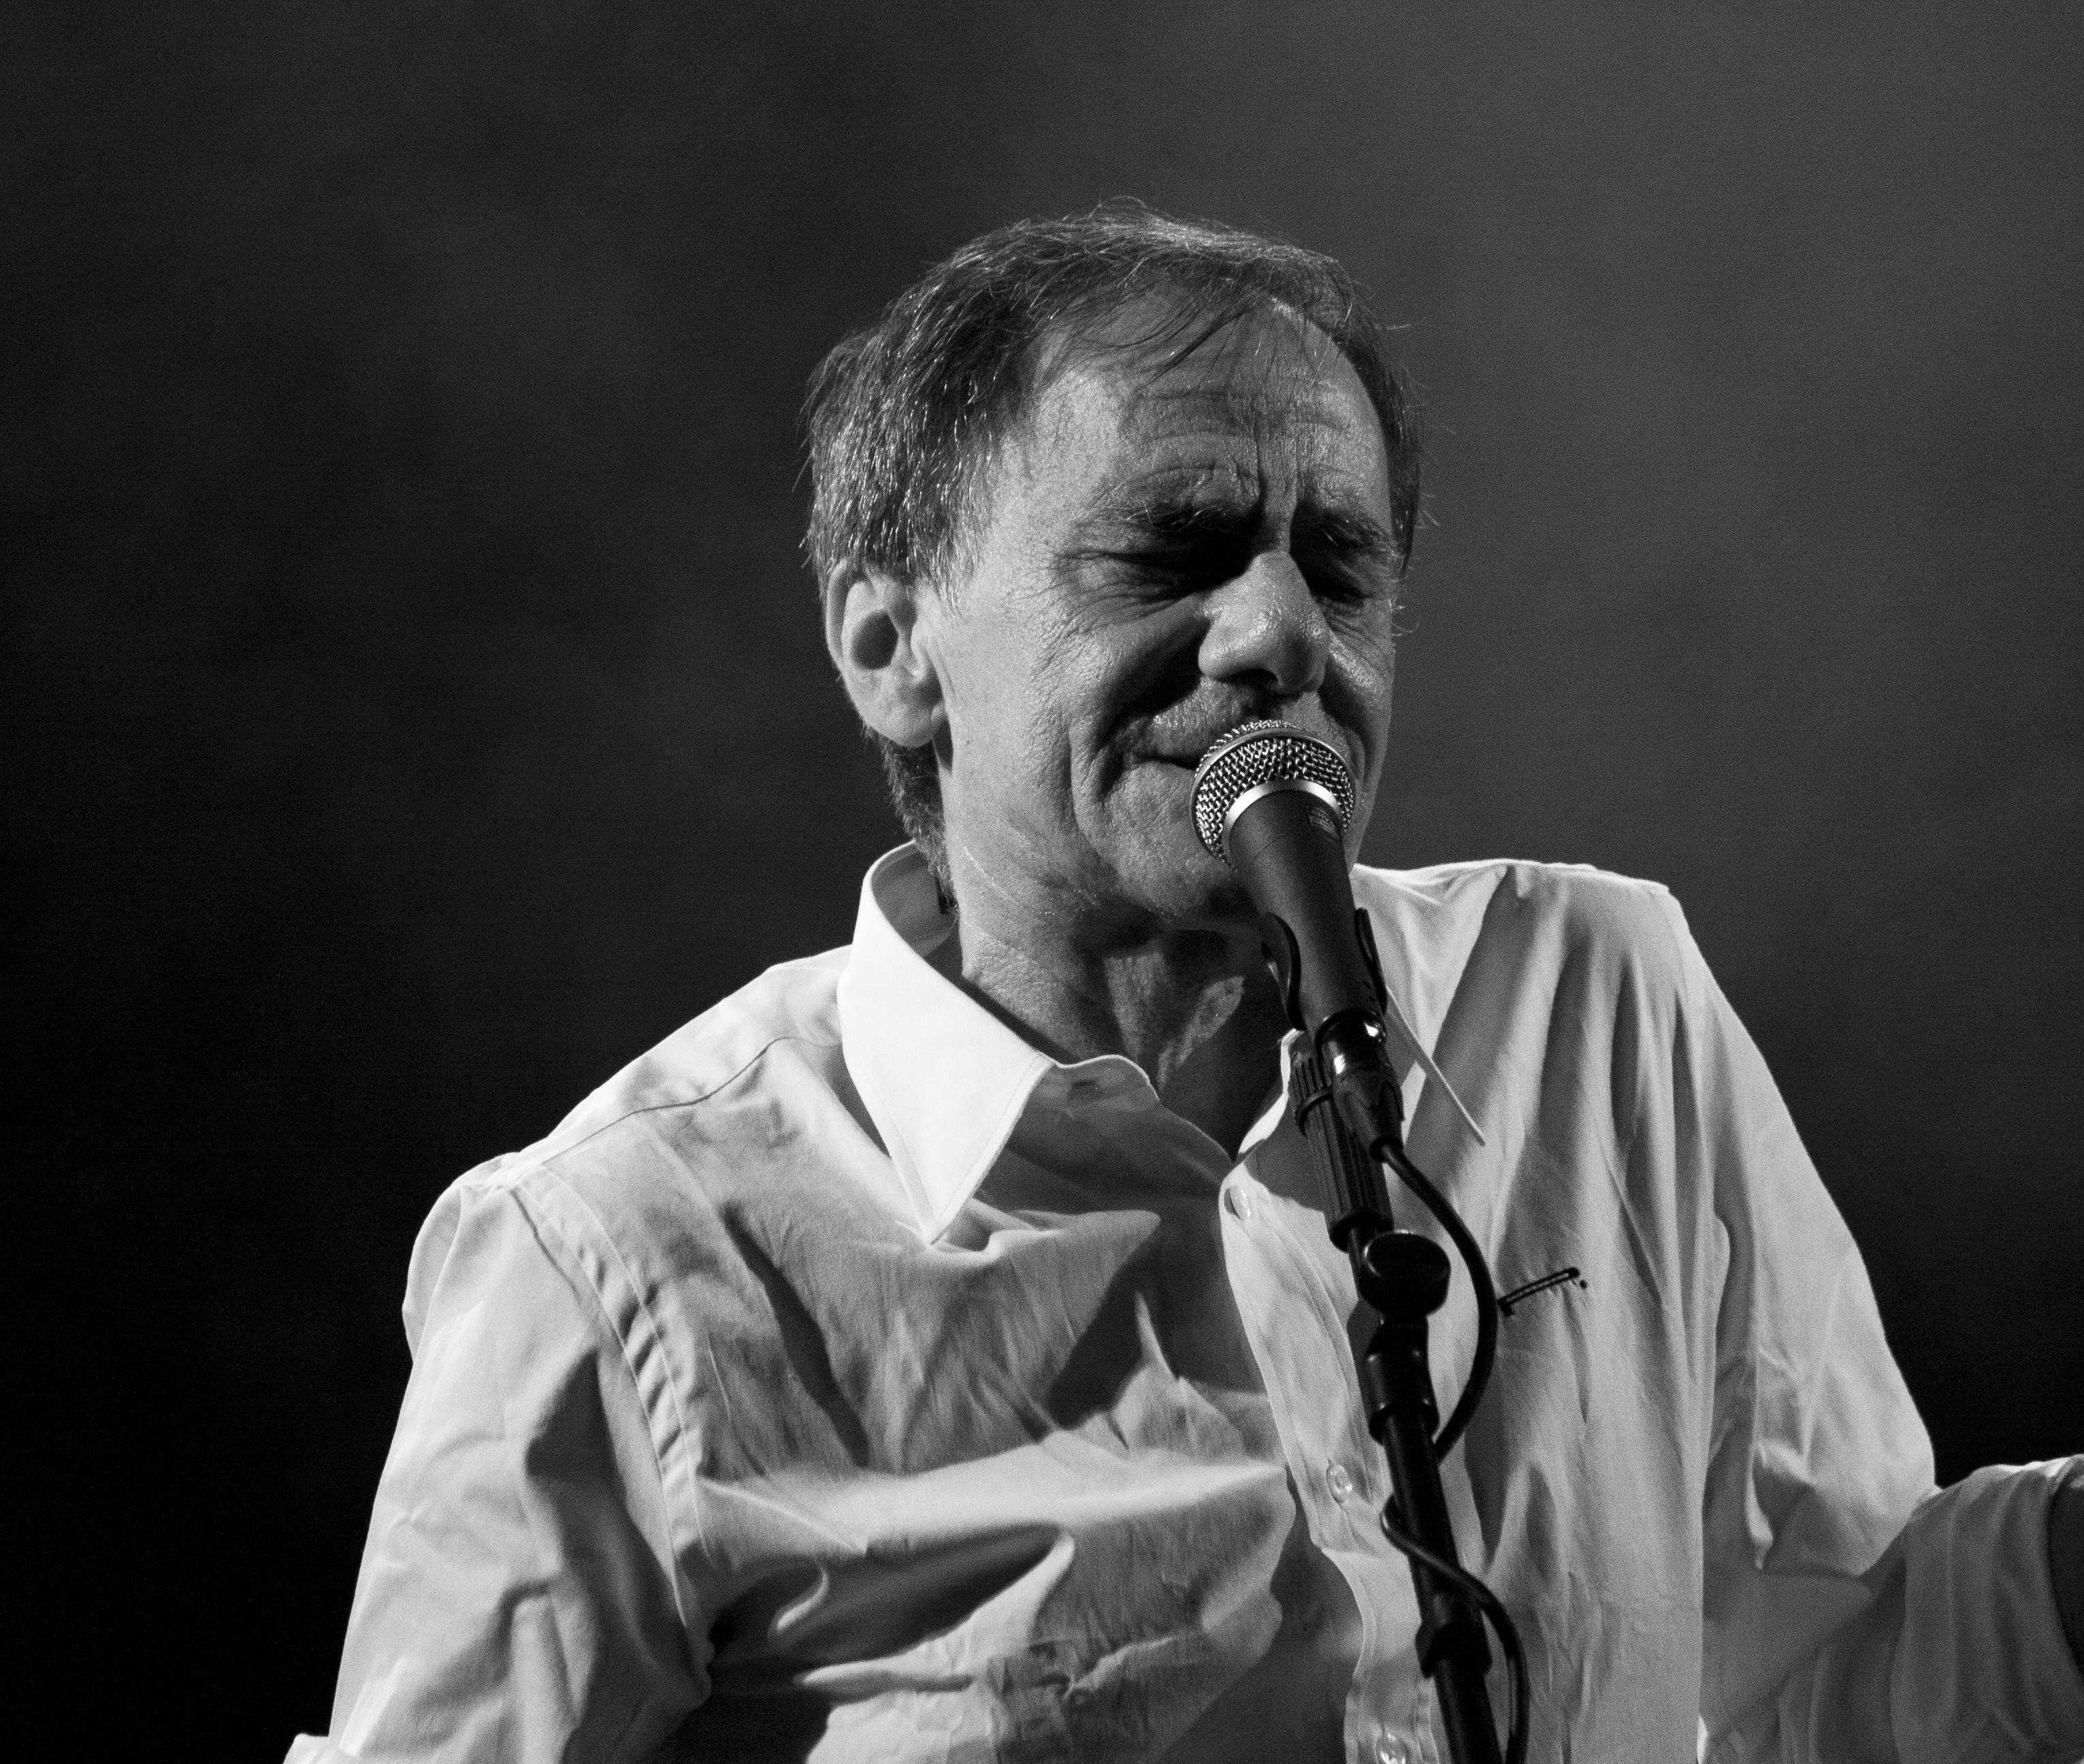 File:Roberto Vecchioni - Teatro Romano, Verona - 29 maggio 2011 (5782674816).jpg - Wikimedia Commons